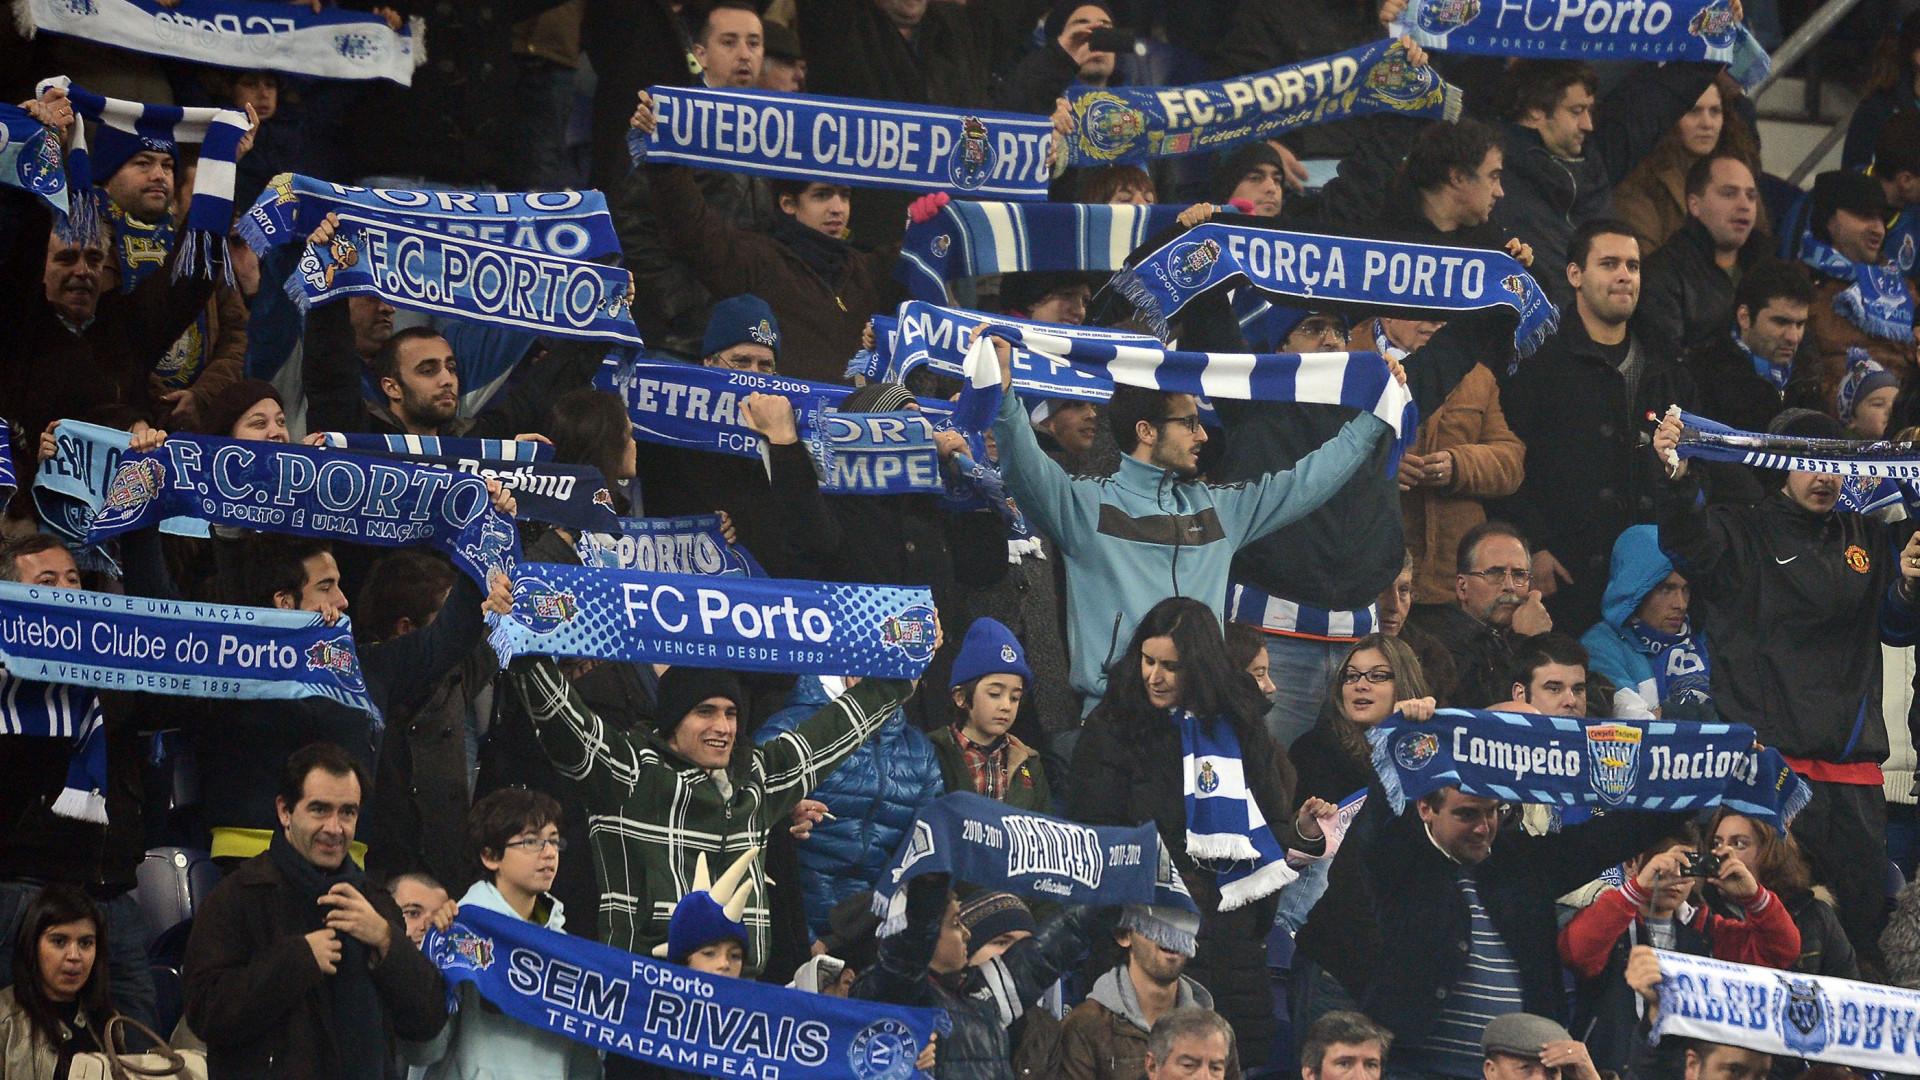 Venda do naming do Museu do FC Porto valeu 8 milhões